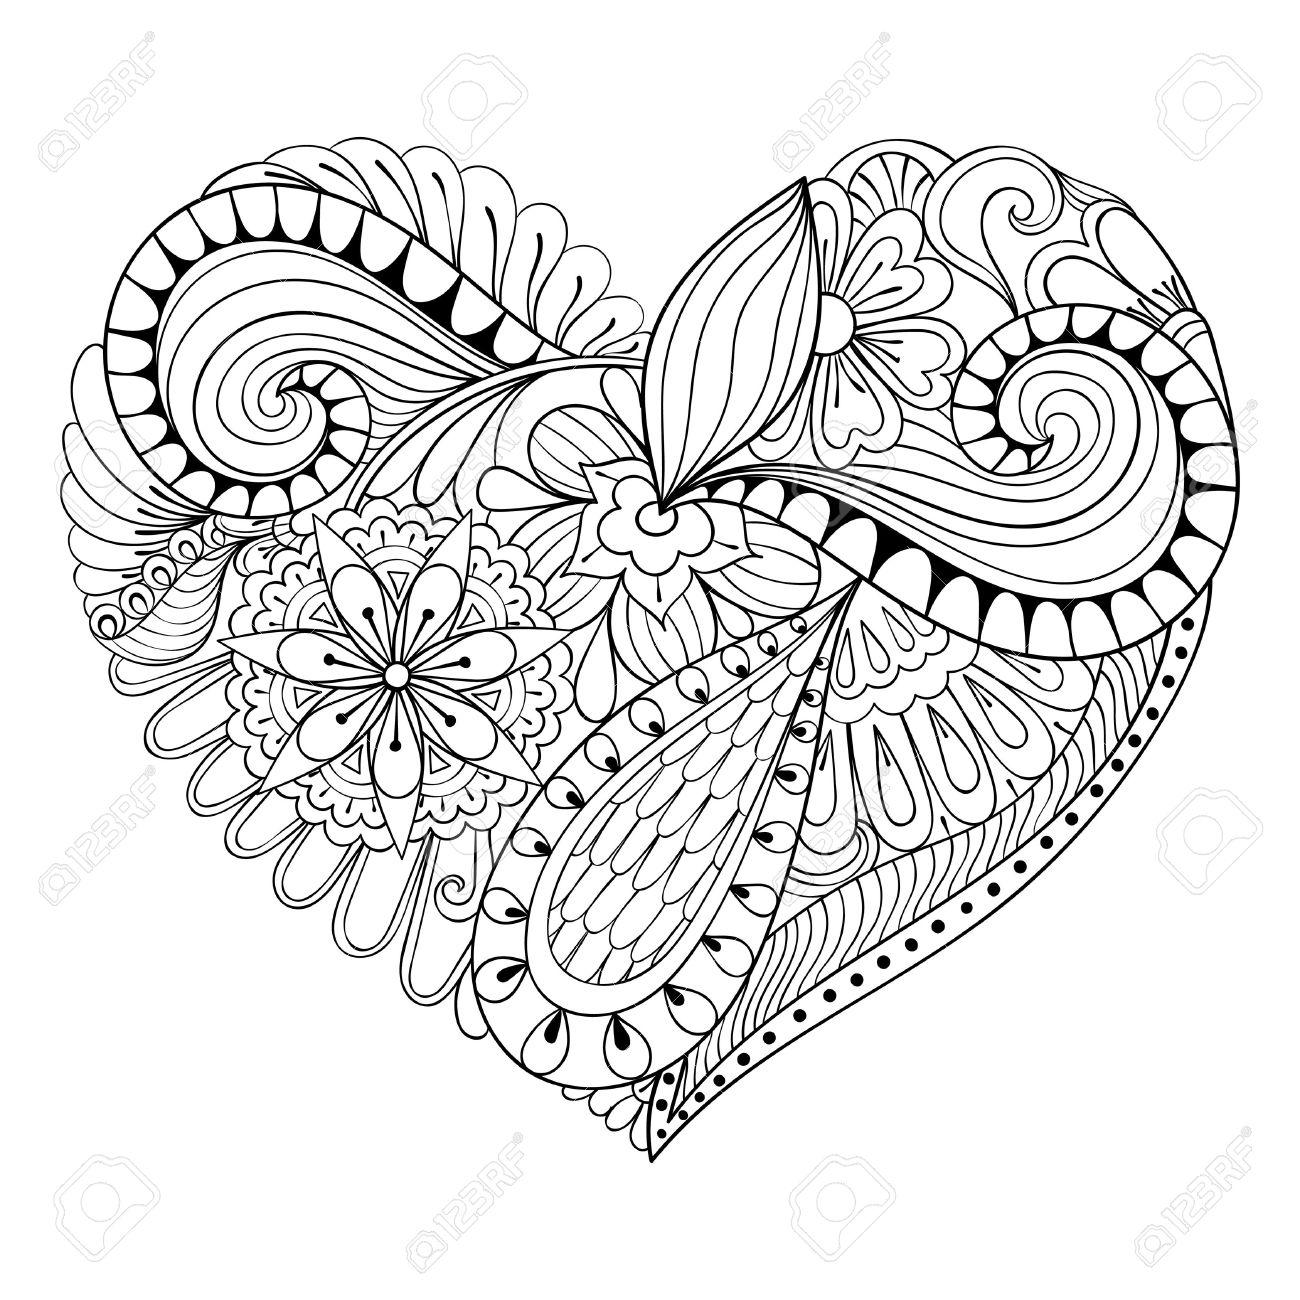 Corazón Doodle Floral Artística En El Estilo Del Zentangle Para ...